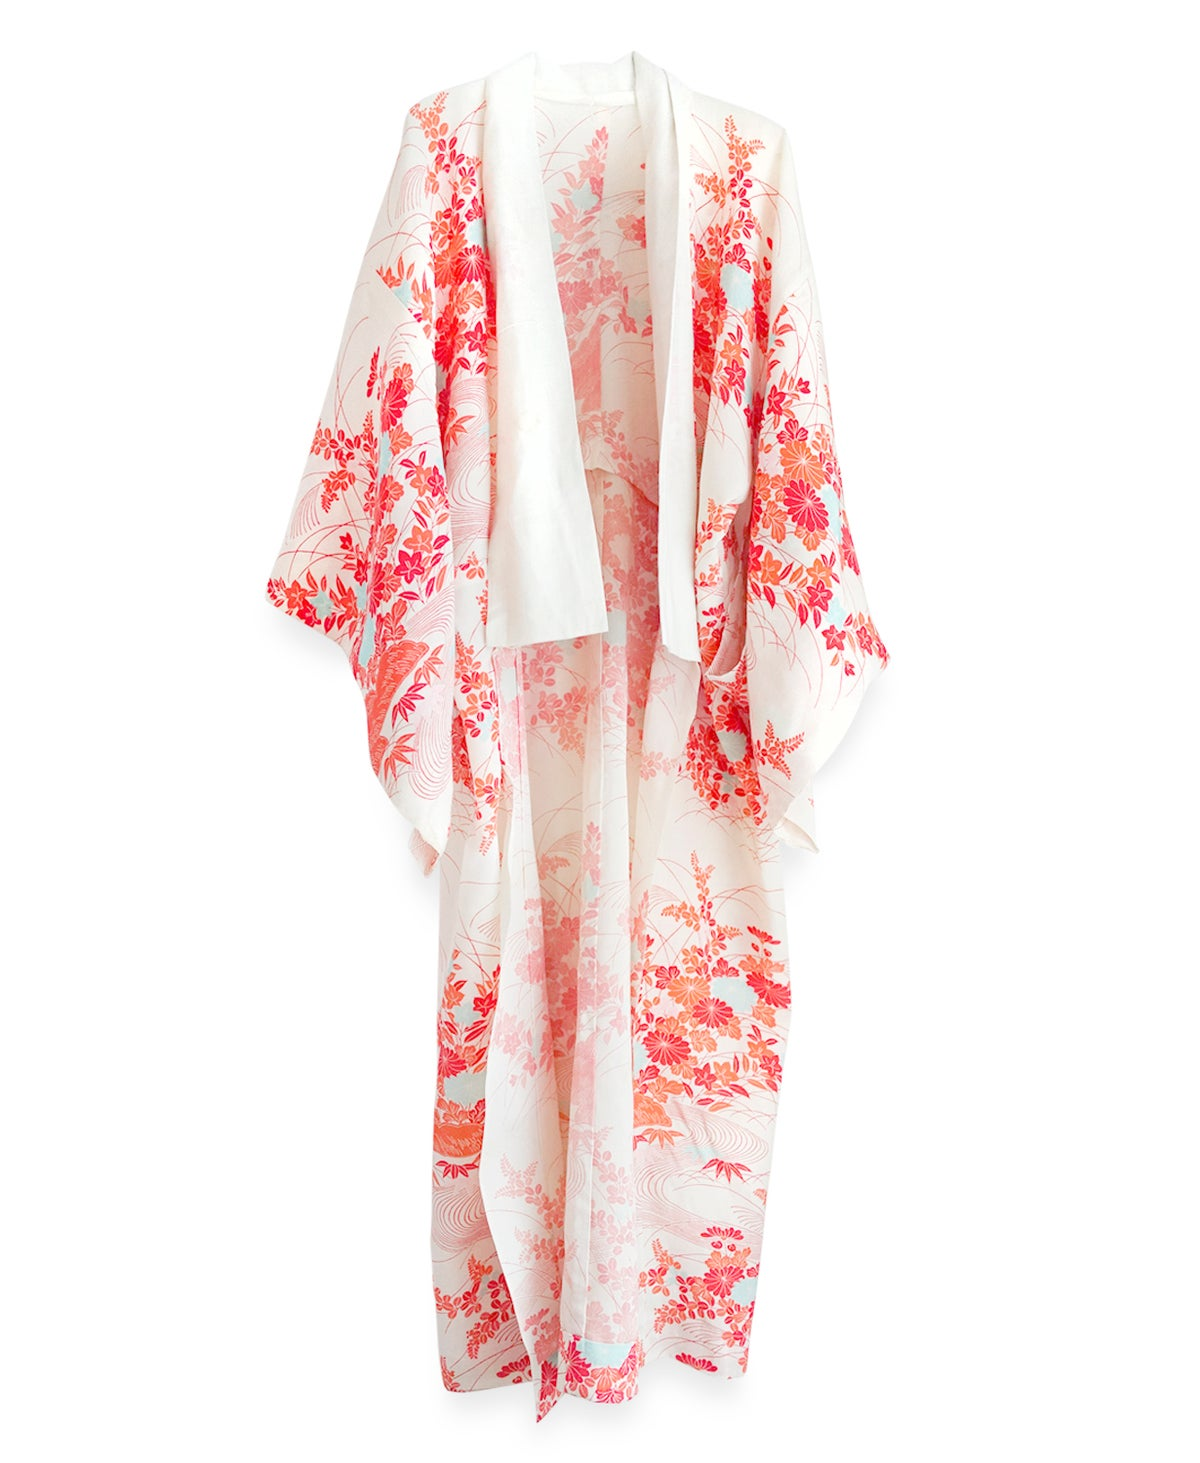 Image of Blomstret silkekimono med krysantemumblomster